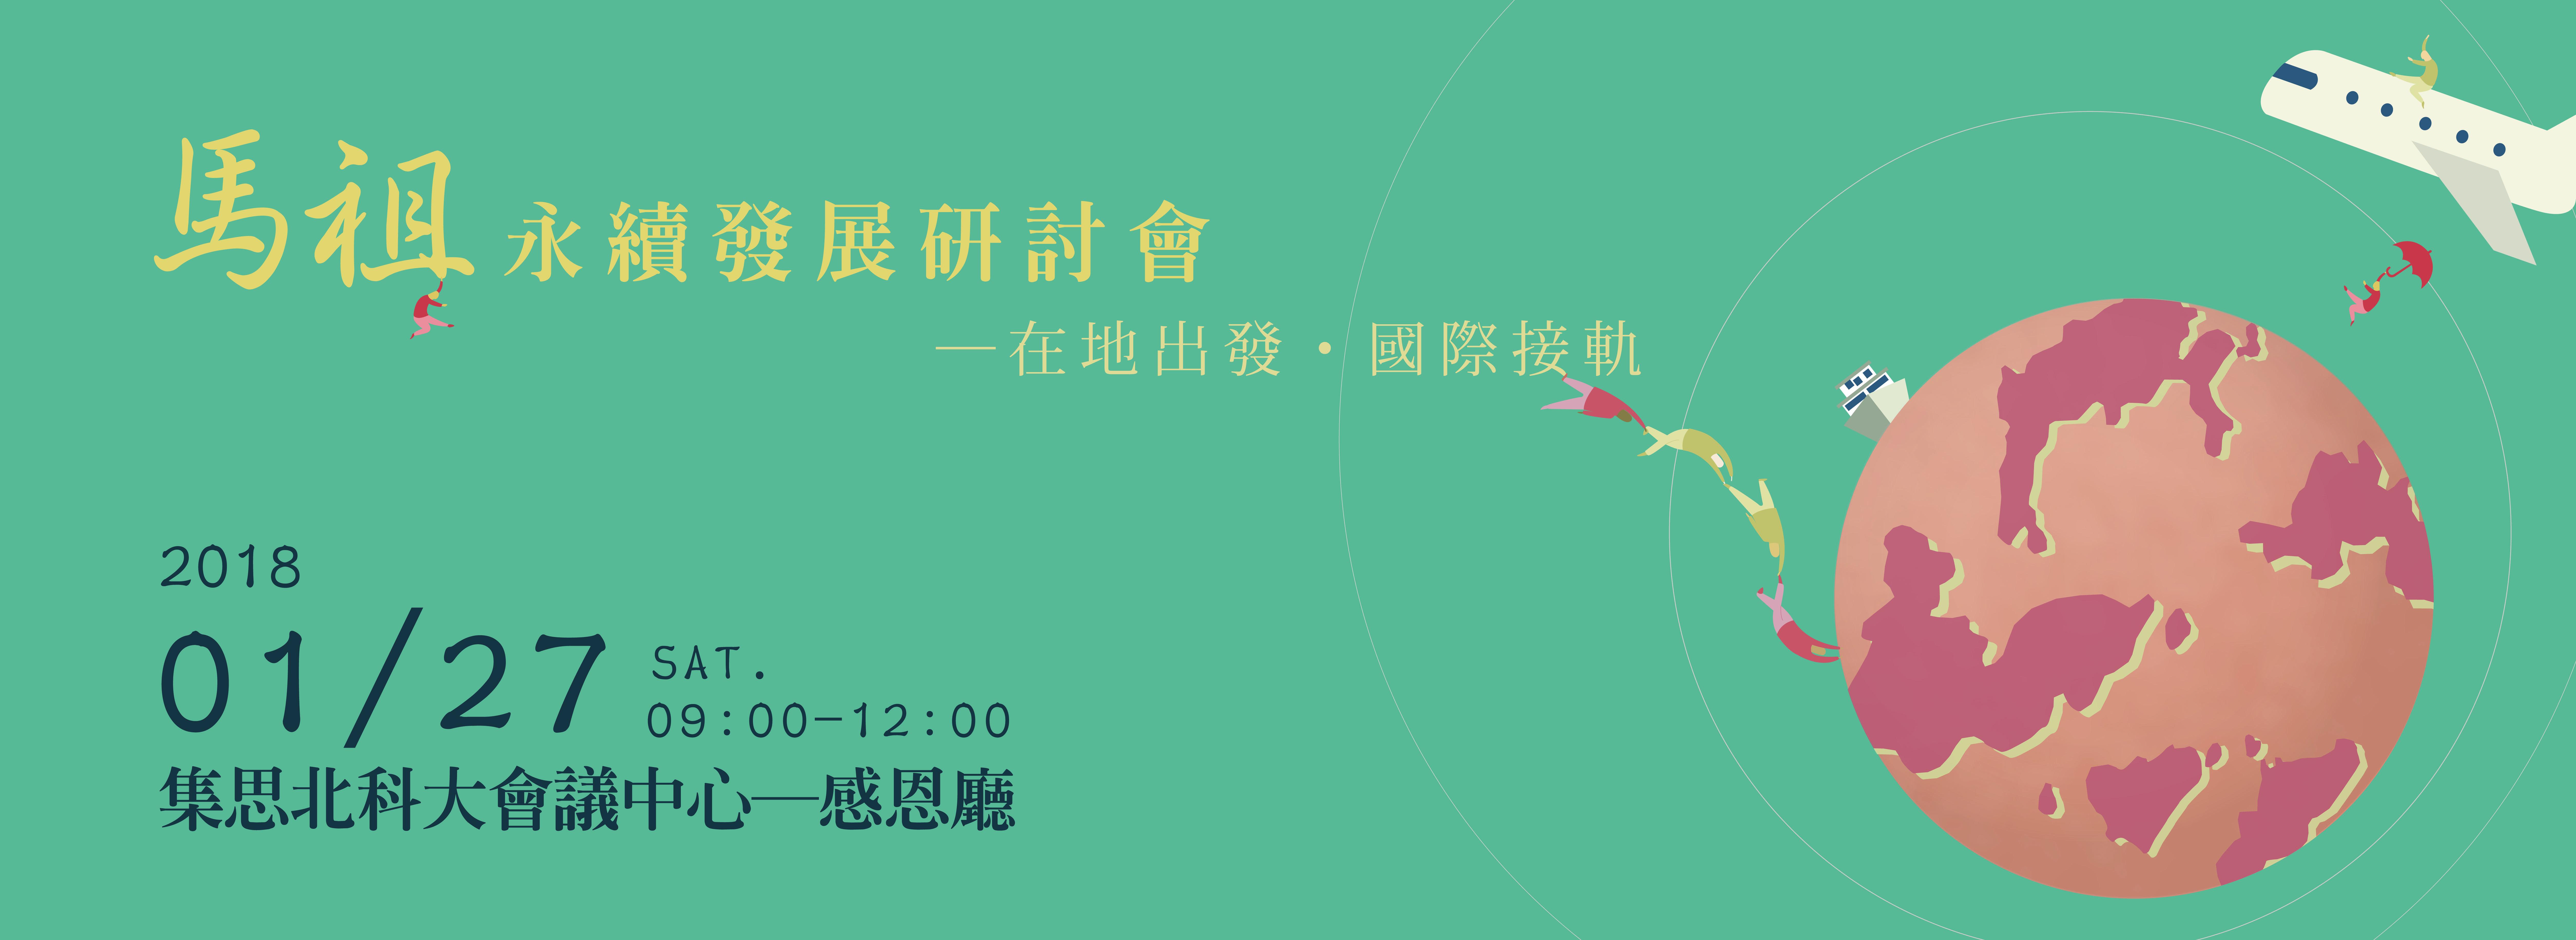 2017永續發展研討會─台北場